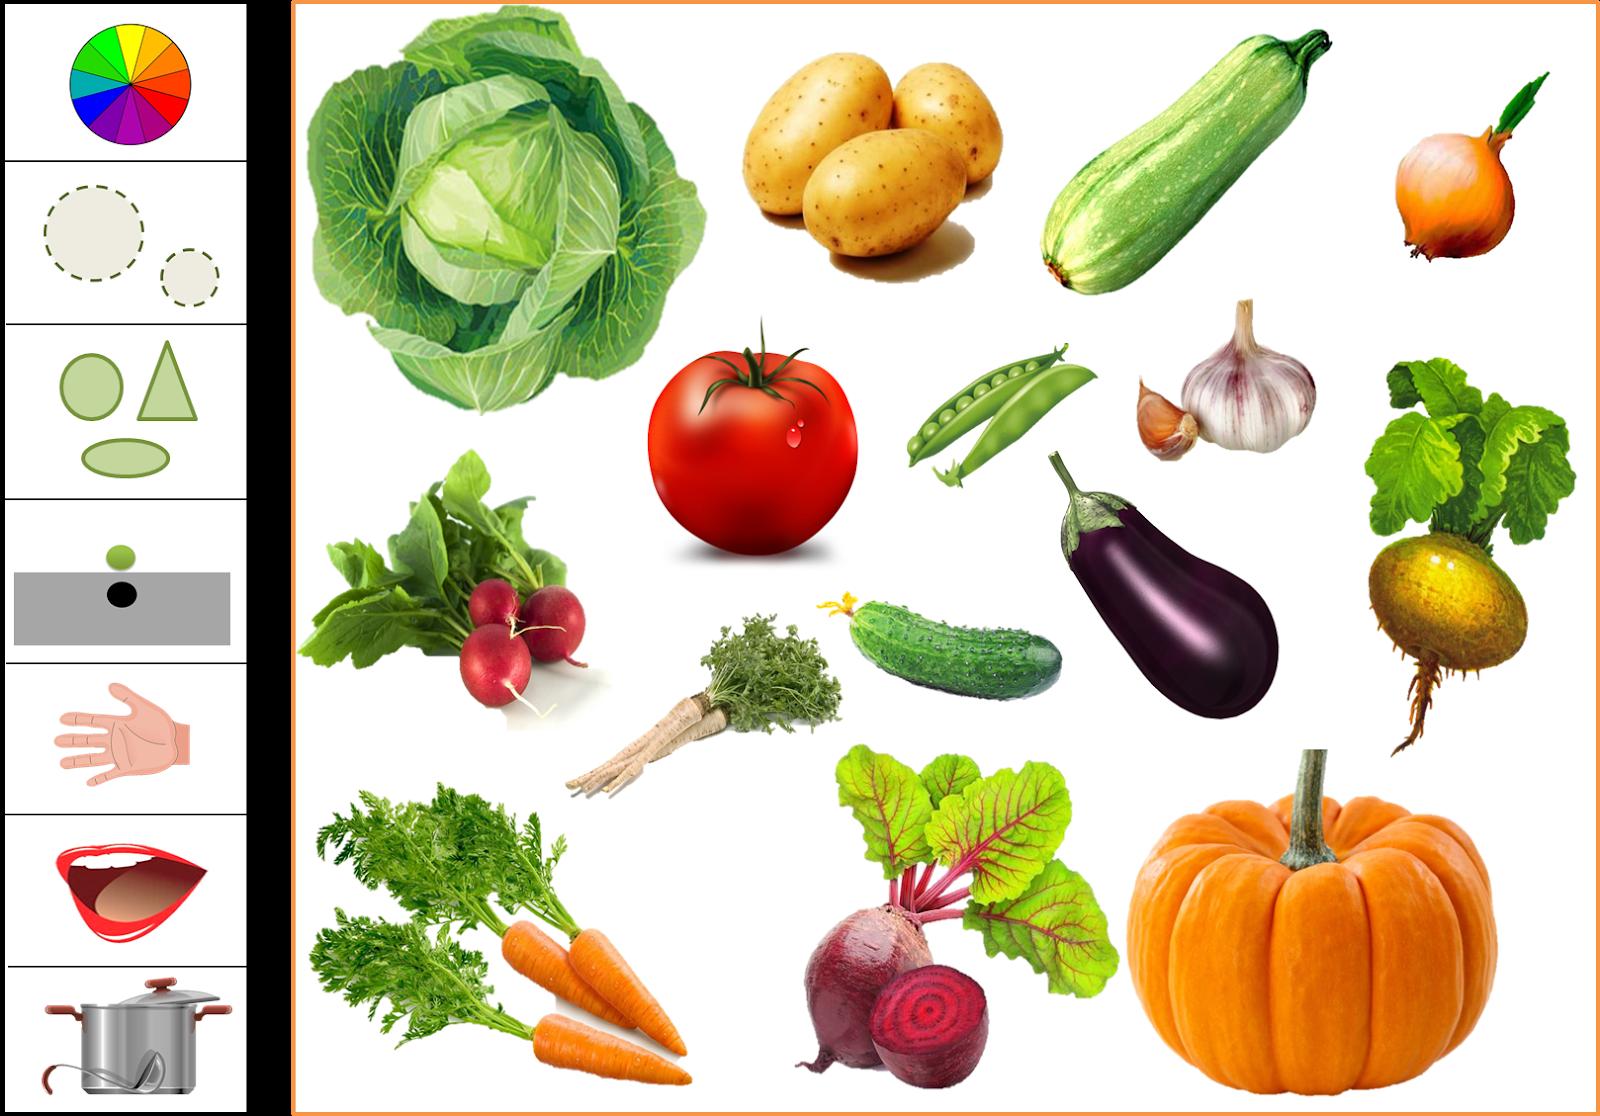 критикует формы овощей в картинках поклонников